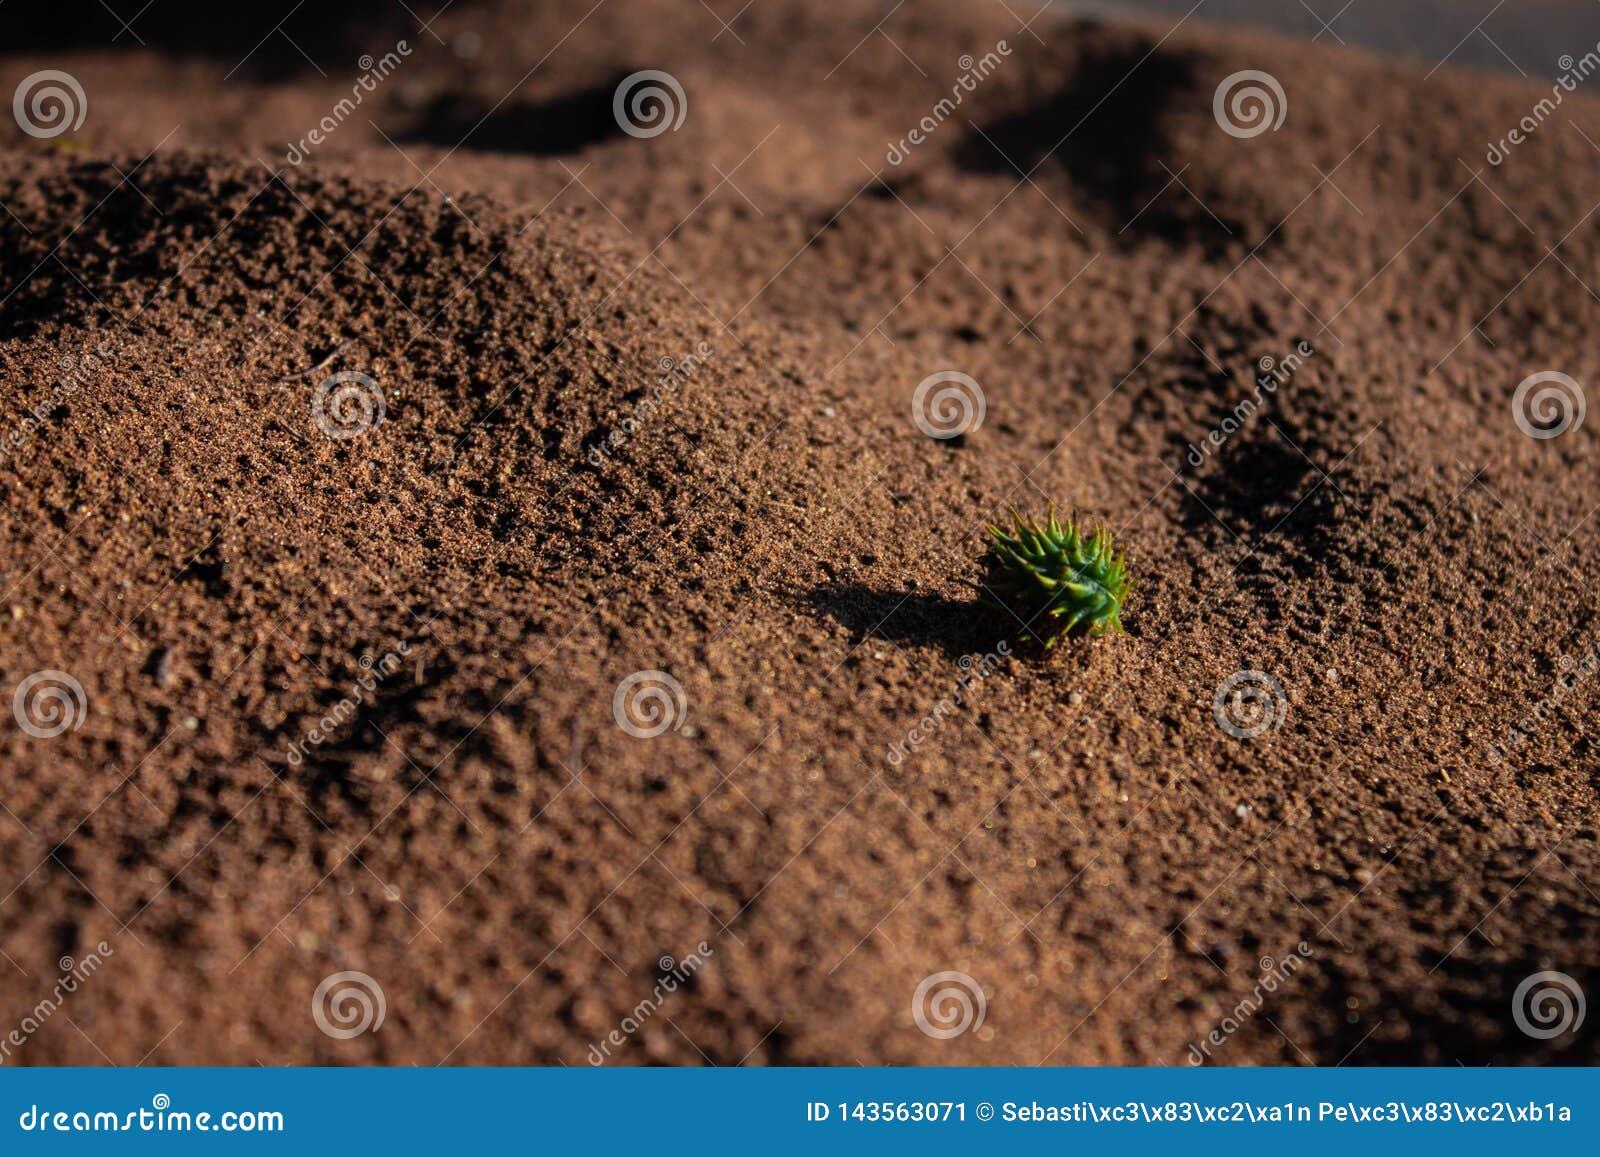 Σπόρος στην έρημο